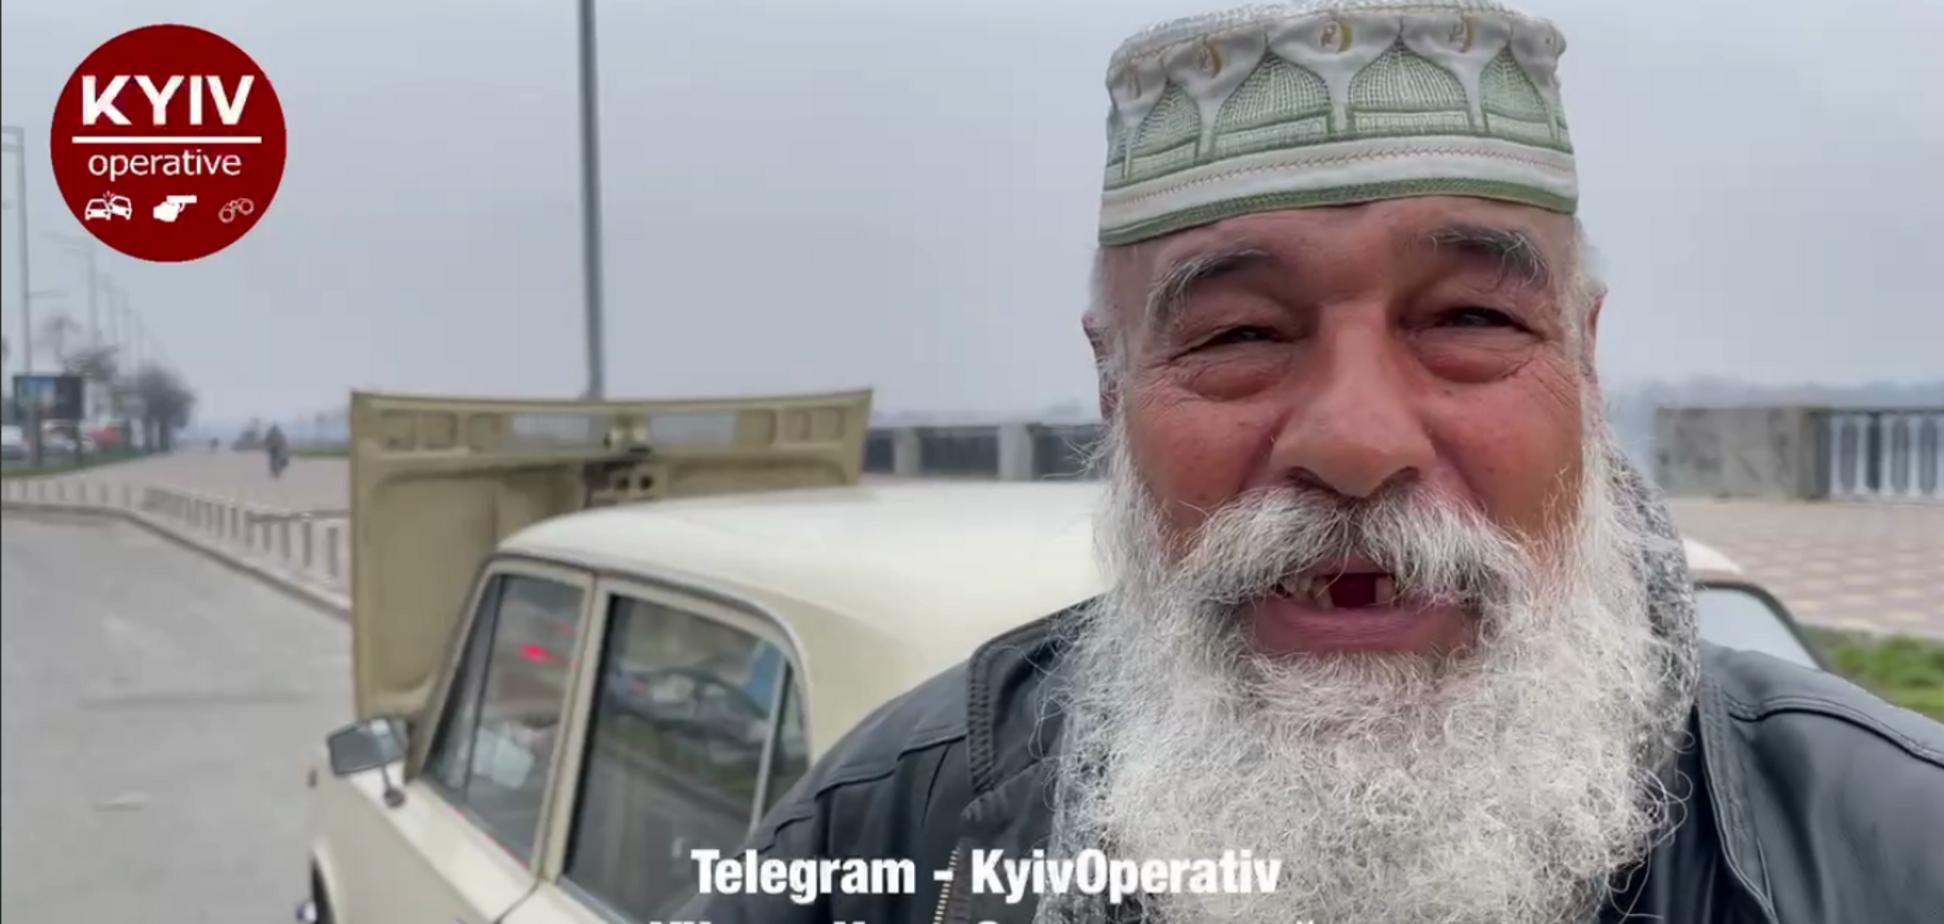 У Києві дідусь-легенда два роки живе в машині й канючить у водіїв гроші. Відео